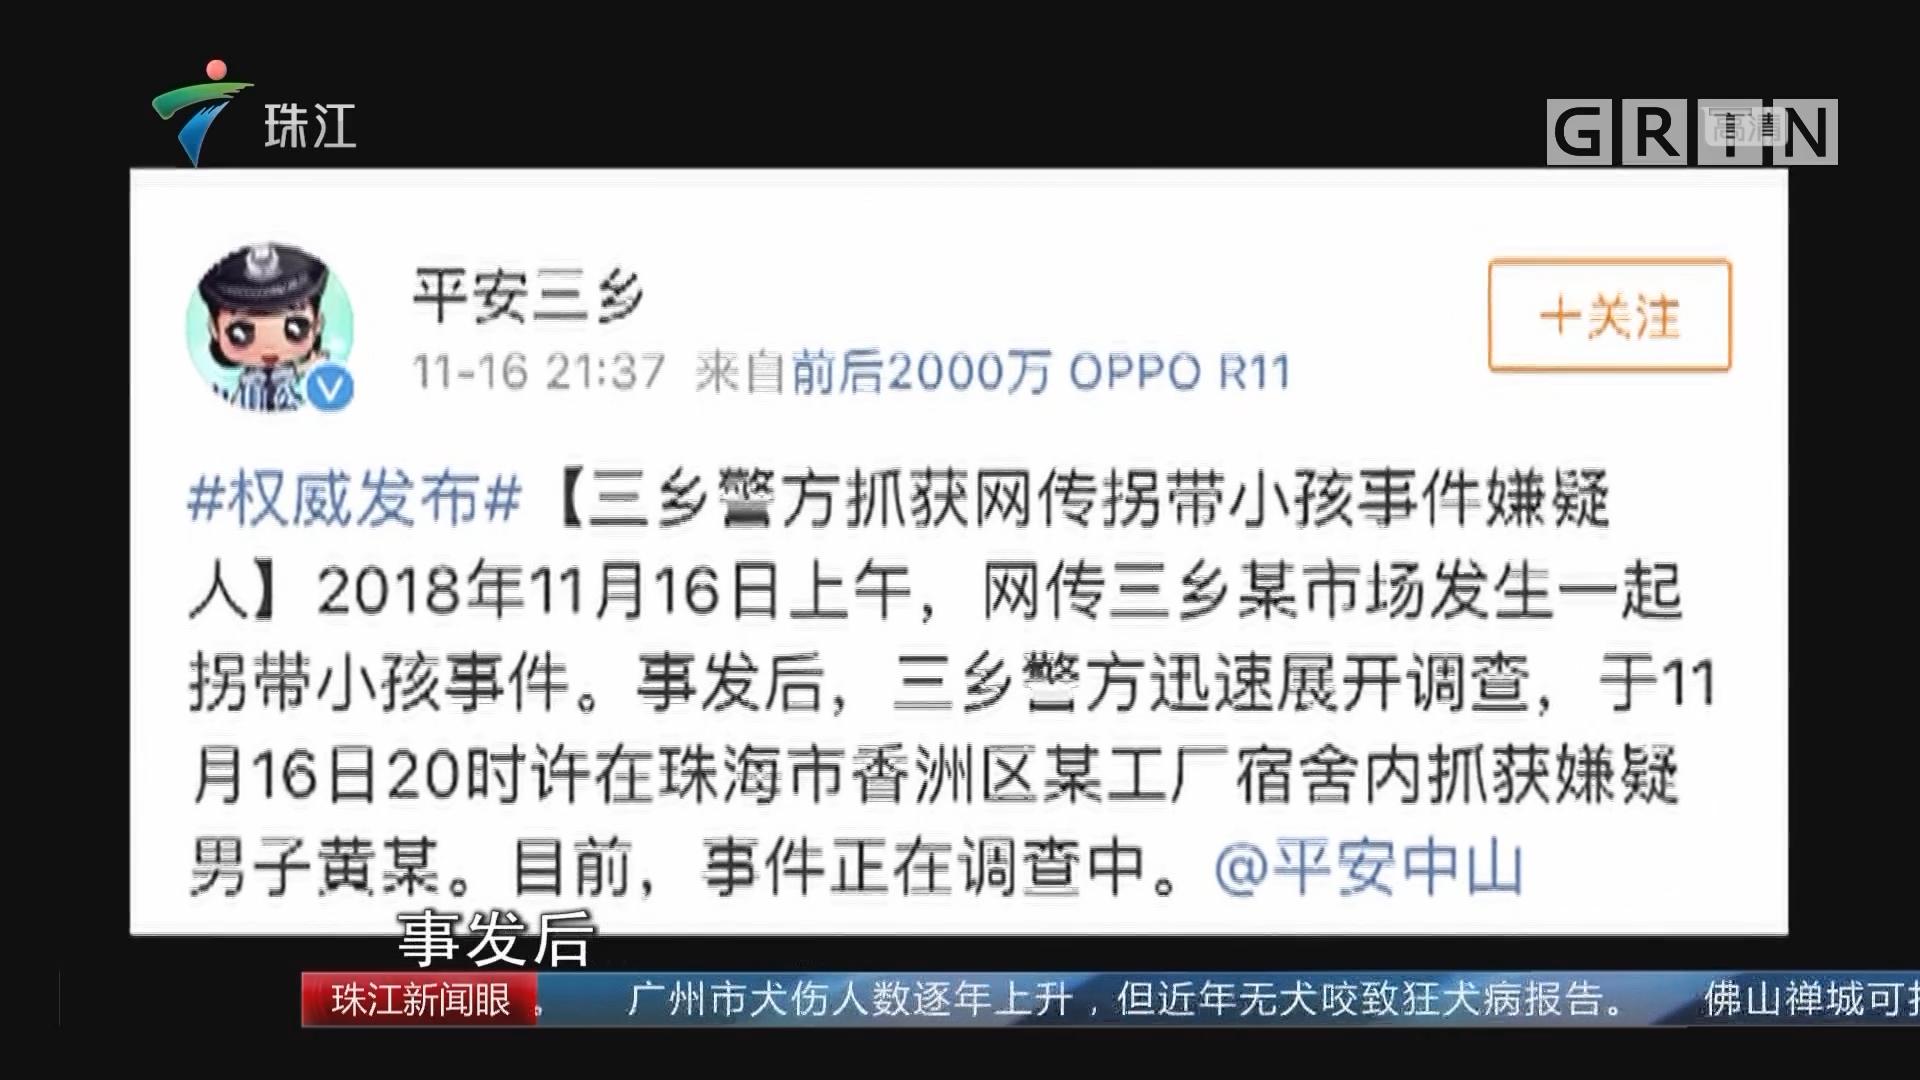 中山:女孩险被拐带 警方抓获嫌疑人